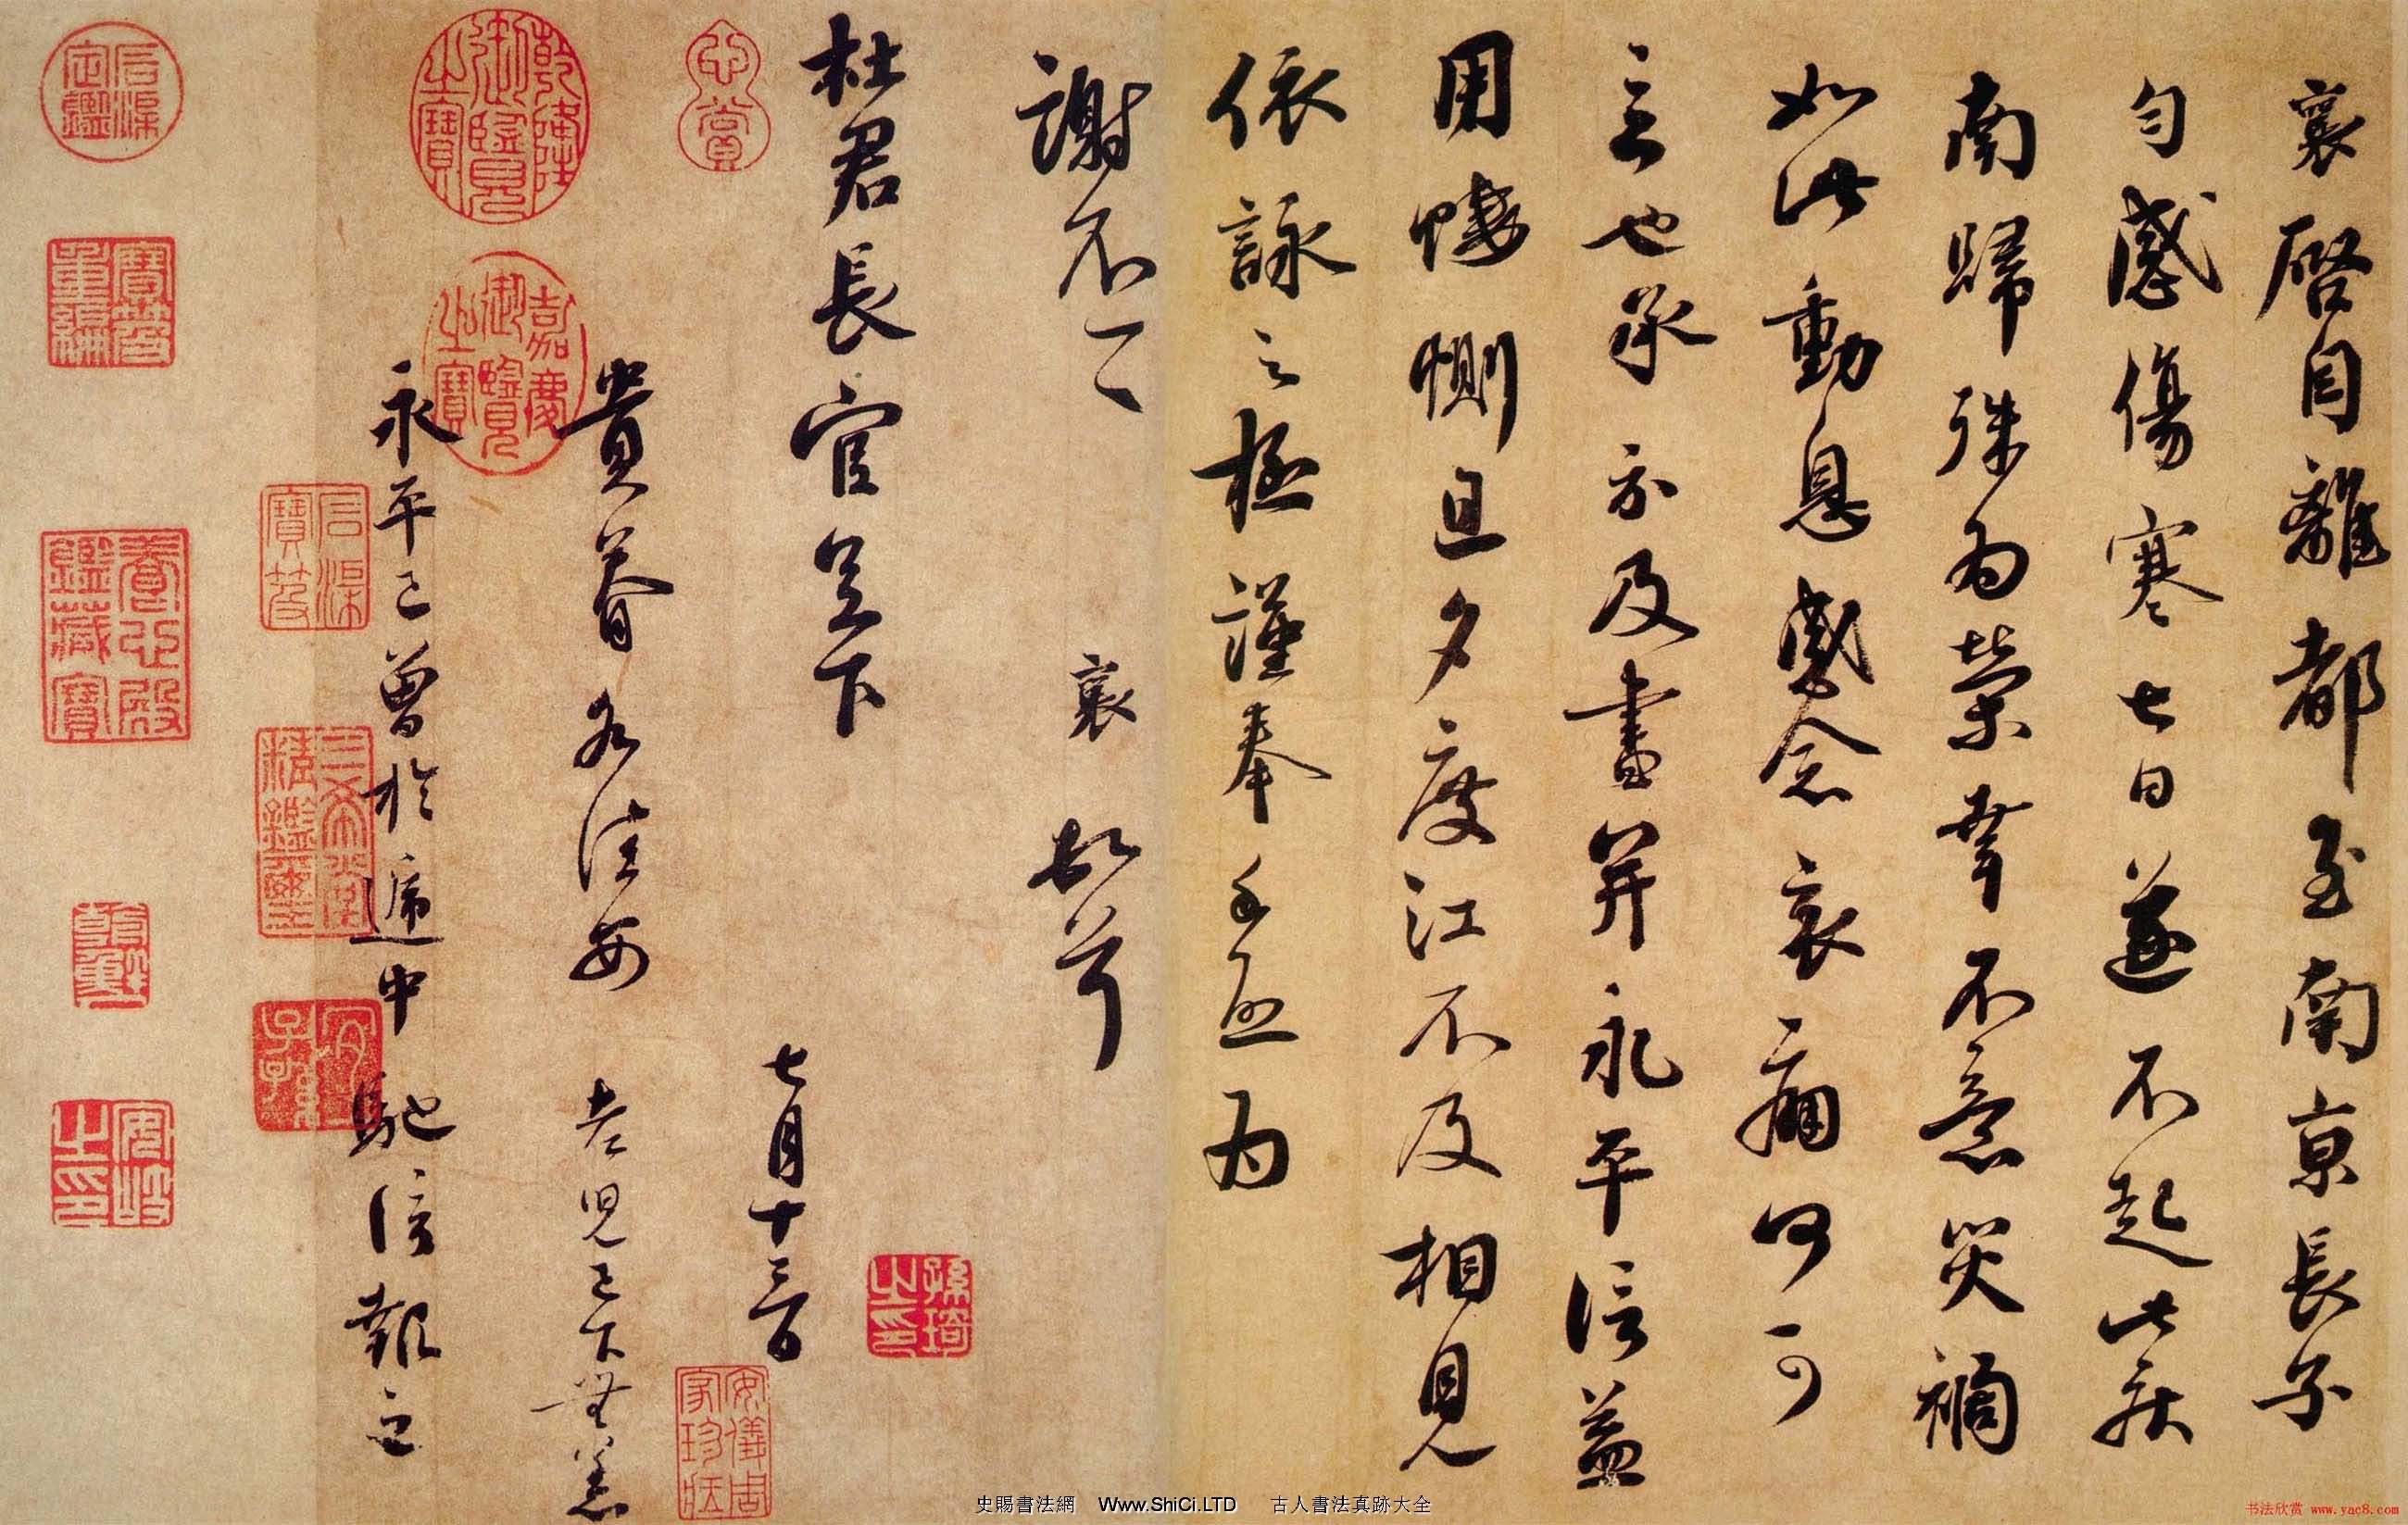 蔡襄書法真跡欣賞尺牘《離都帖》(大圖)(共4張圖片)